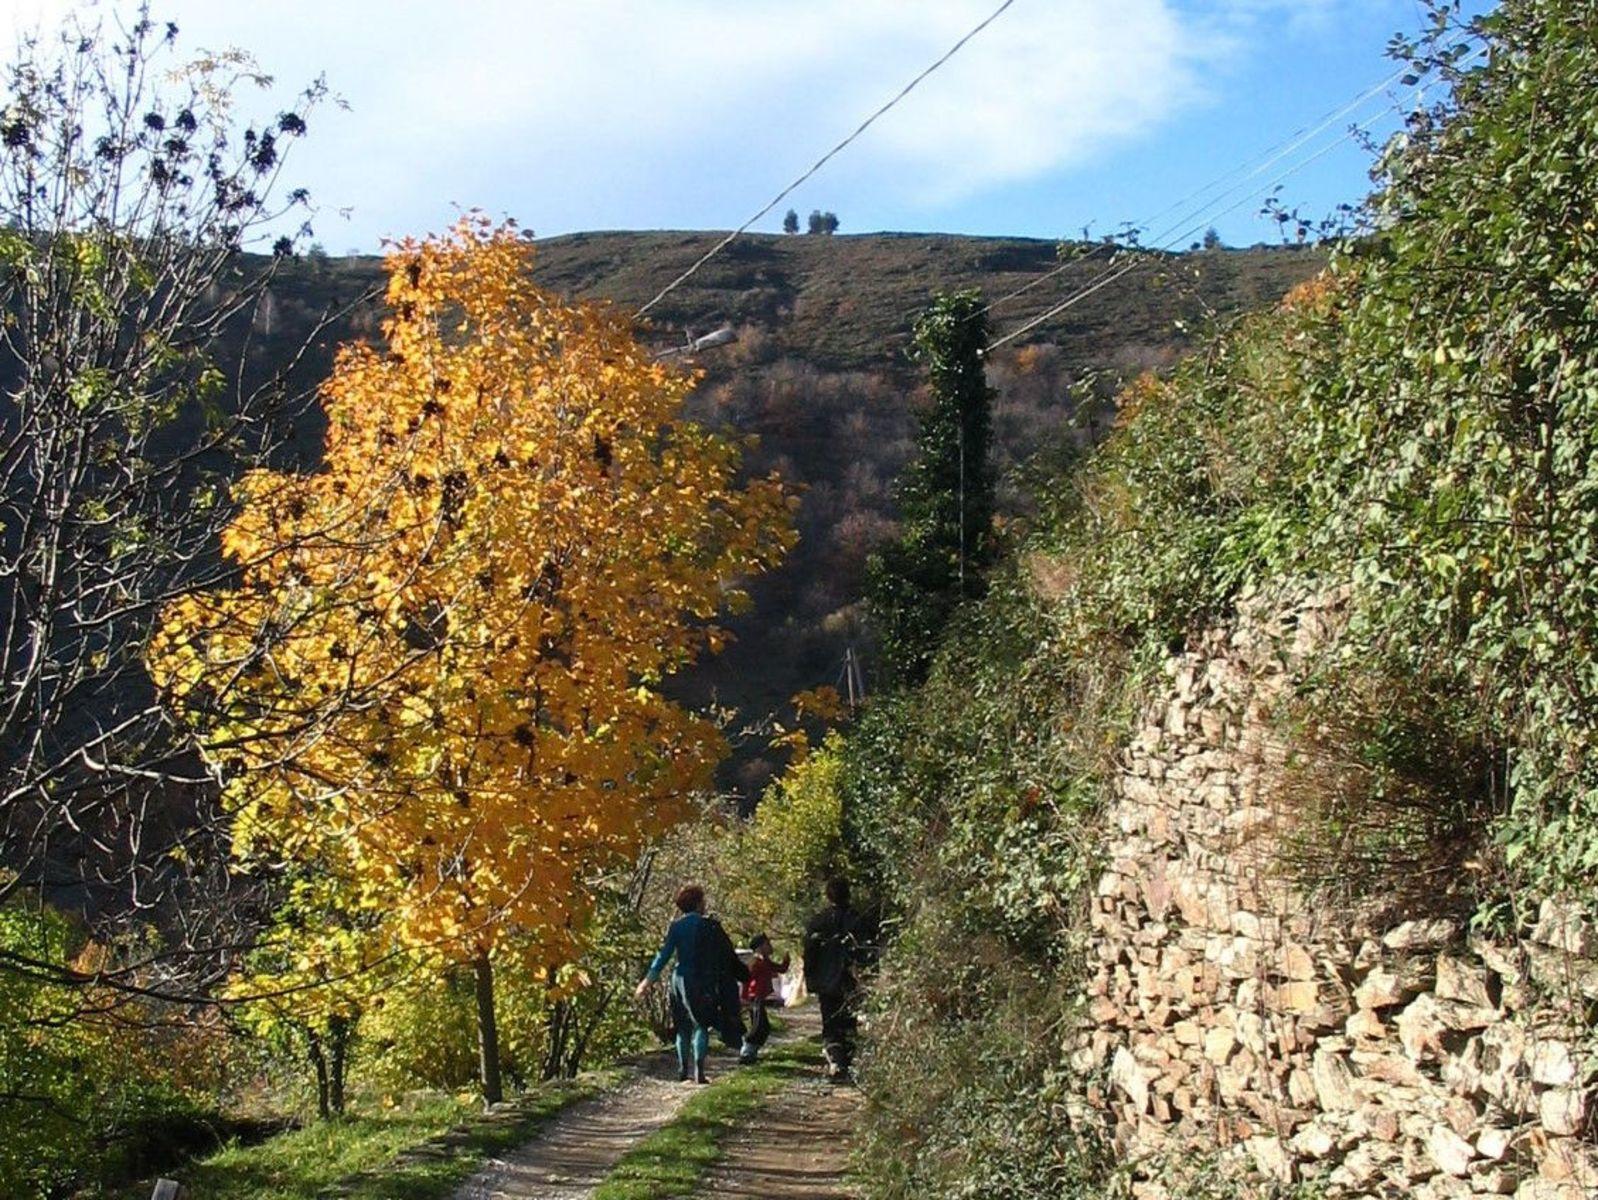 Cevenolse Mas gîte Escalier - vakantiehuis voor natuurliefhebbers